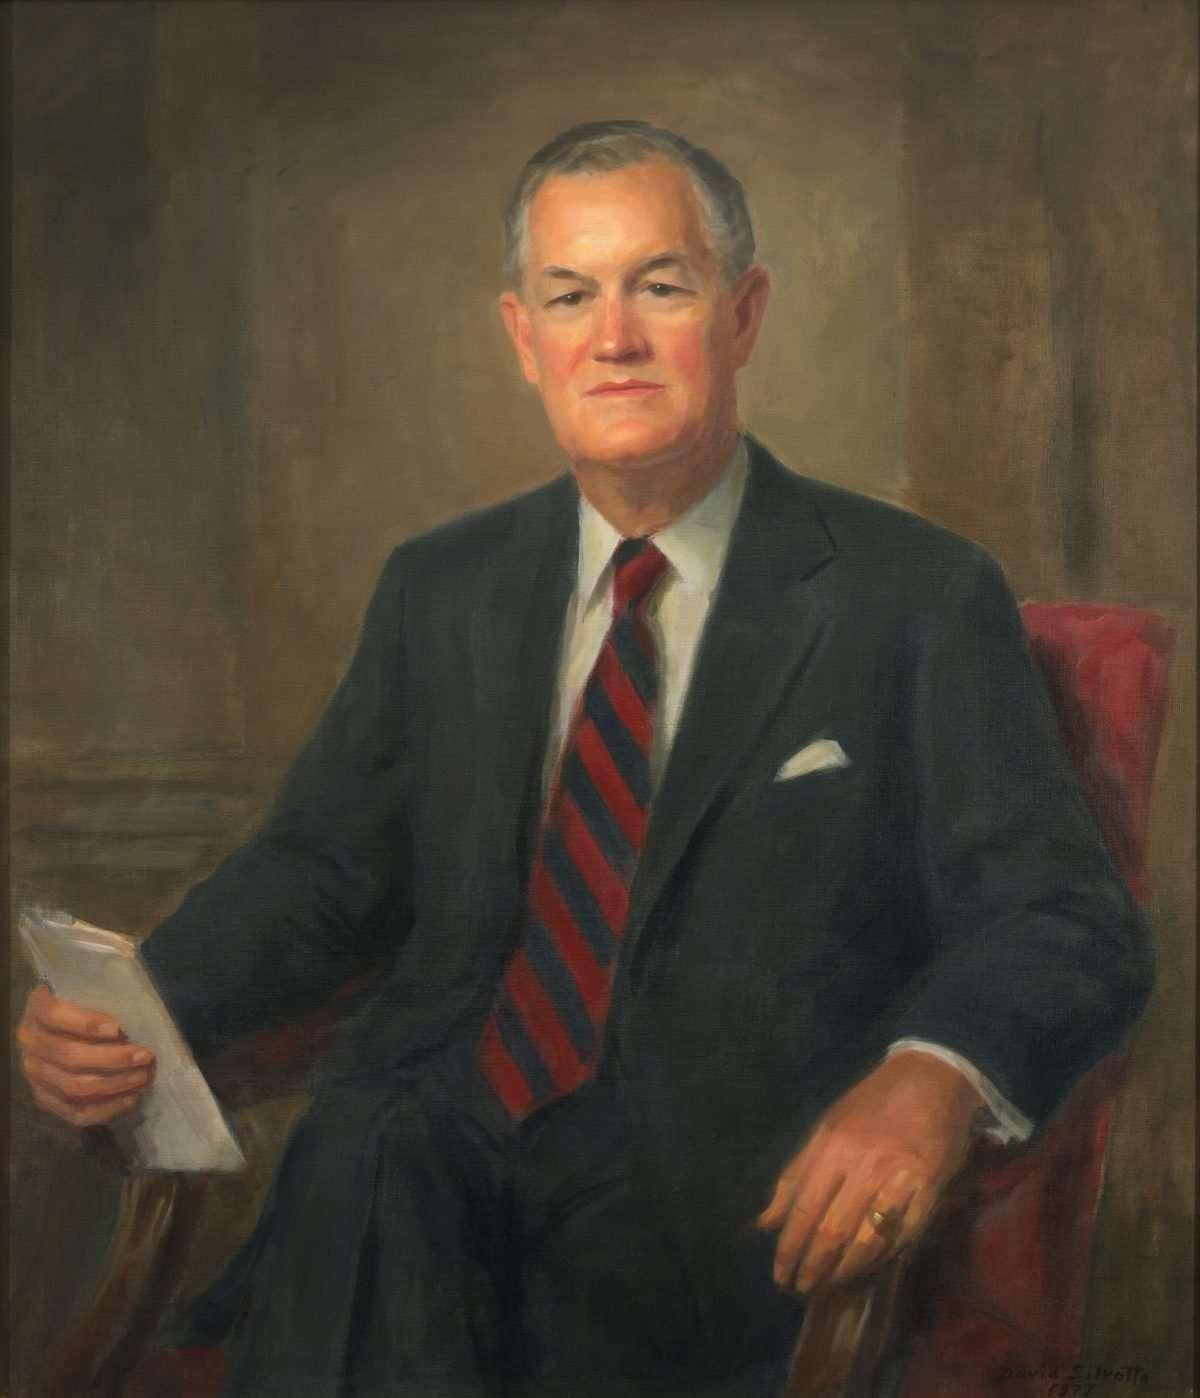 Governor Mills E. Godwin